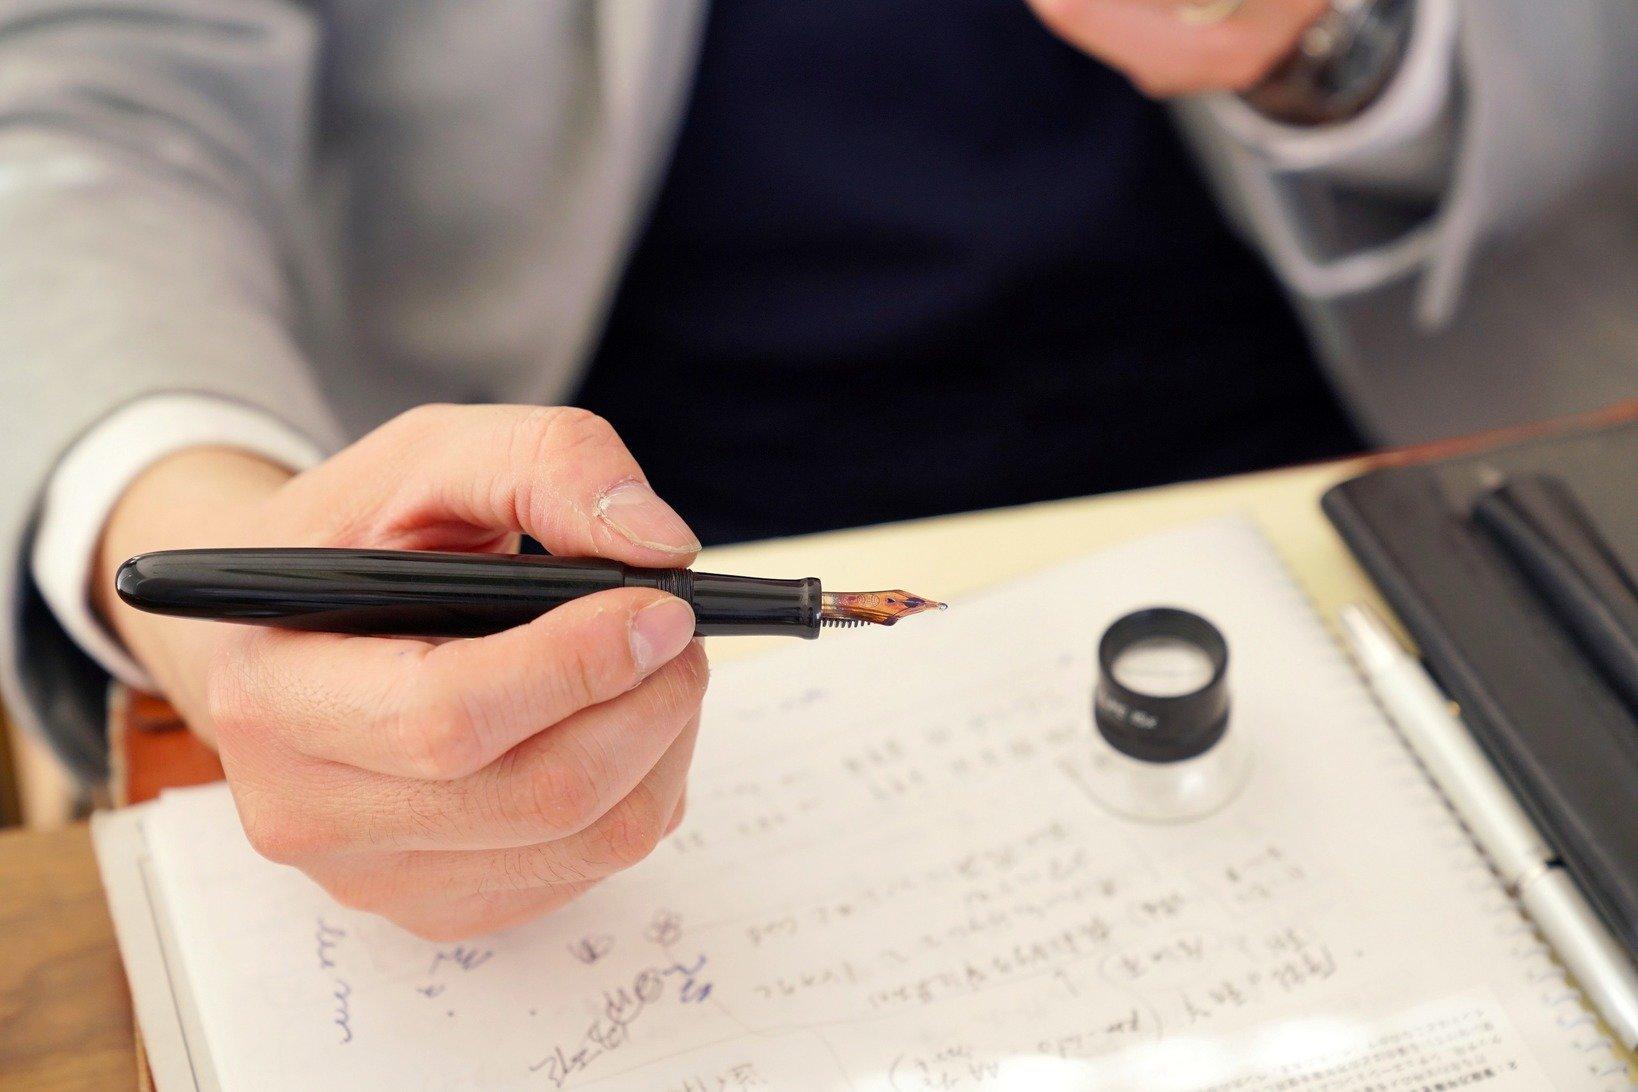 土橋さんは試し書きの段階でその書き味にうっとりしたという。